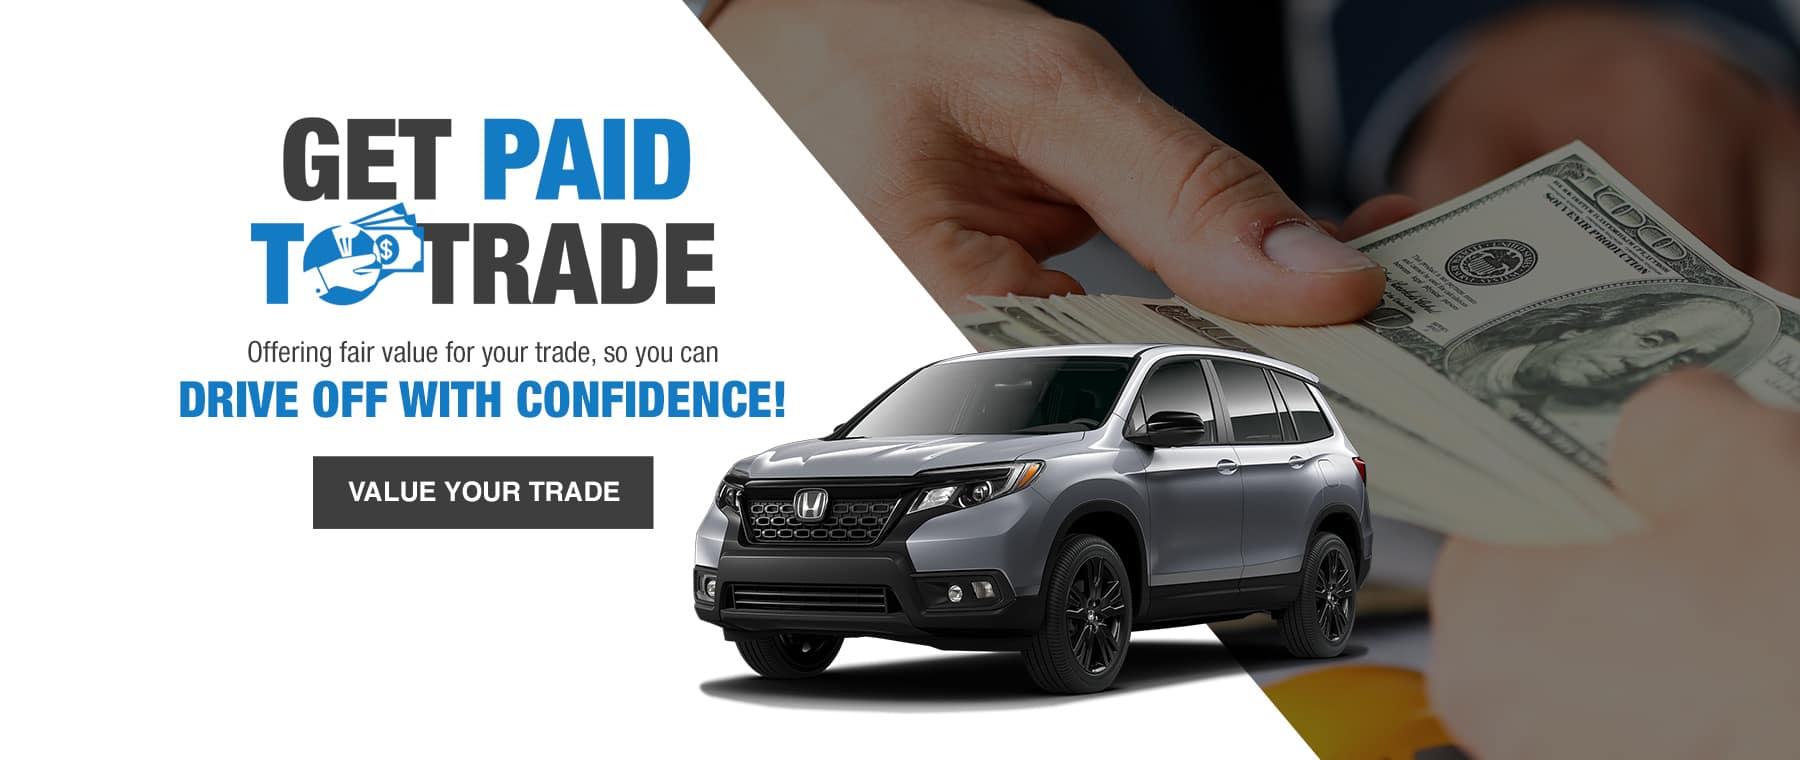 Trade-slide-may-2021 (2)